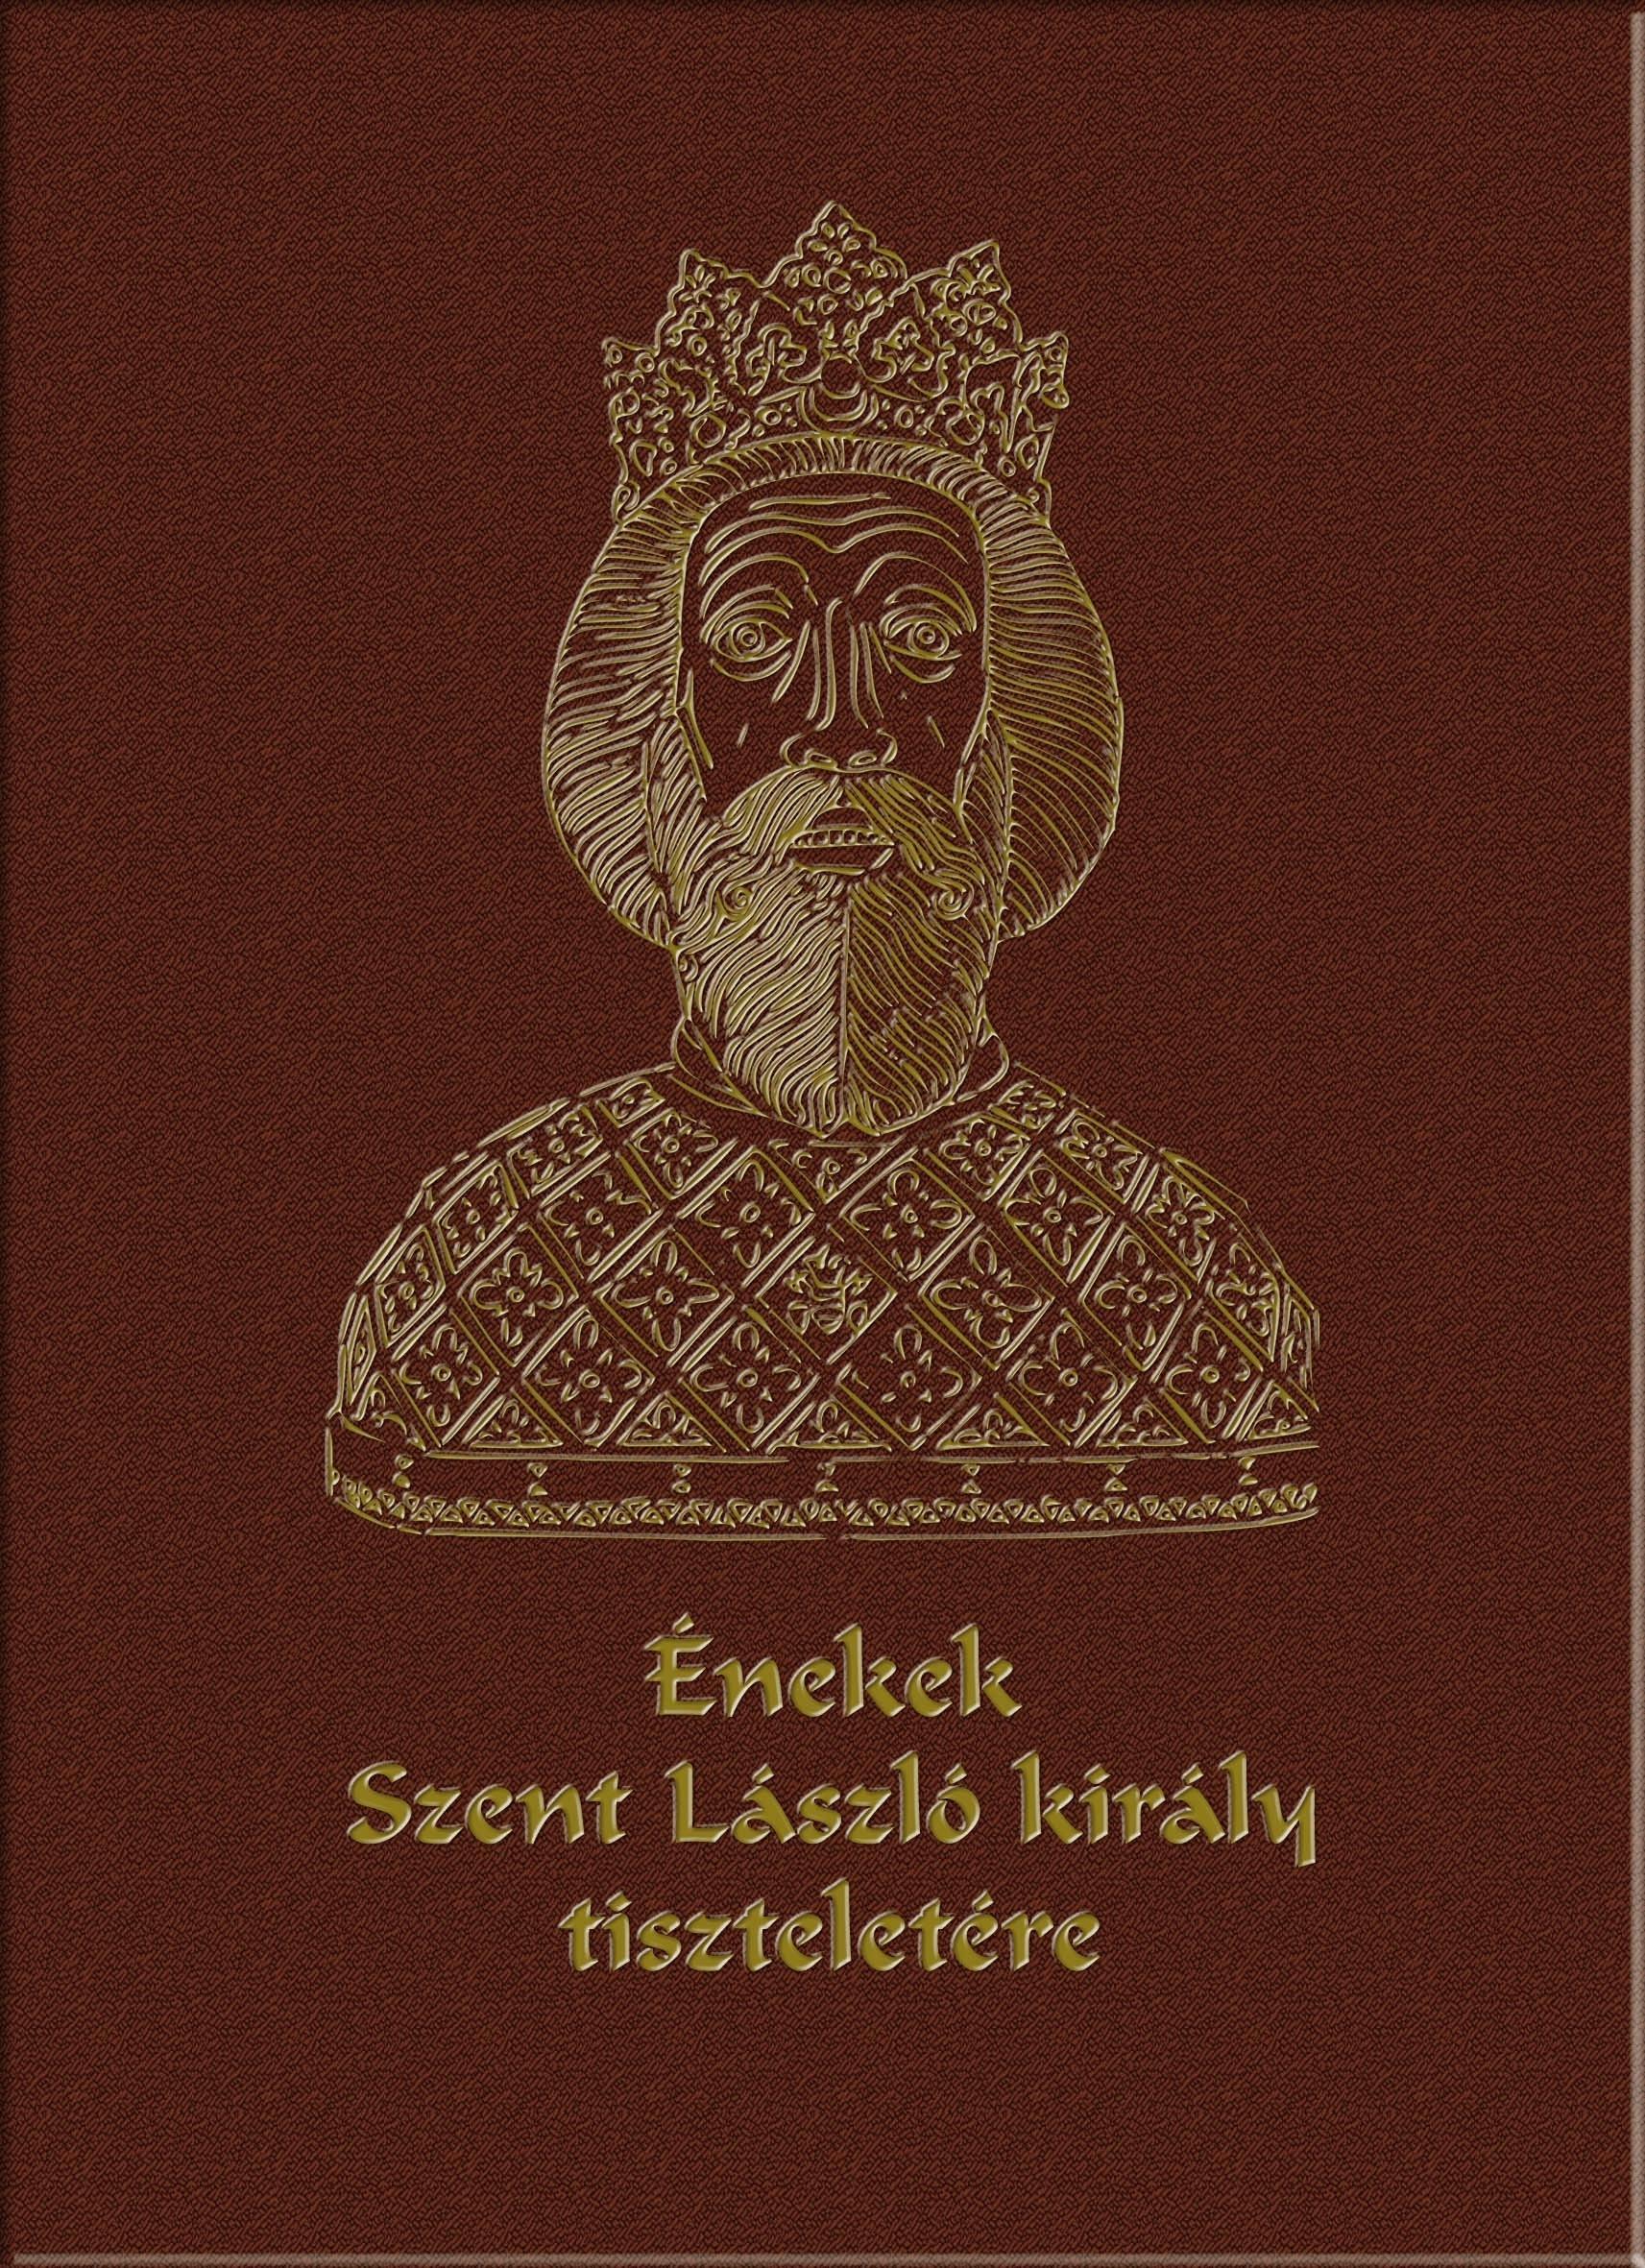 ÉNEKEK SZENT LÁSZLÓ KIRÁLY TISZTELETÉRE - CD-VEL! (SZENT LÁSZLÓ ÉV 2017!)